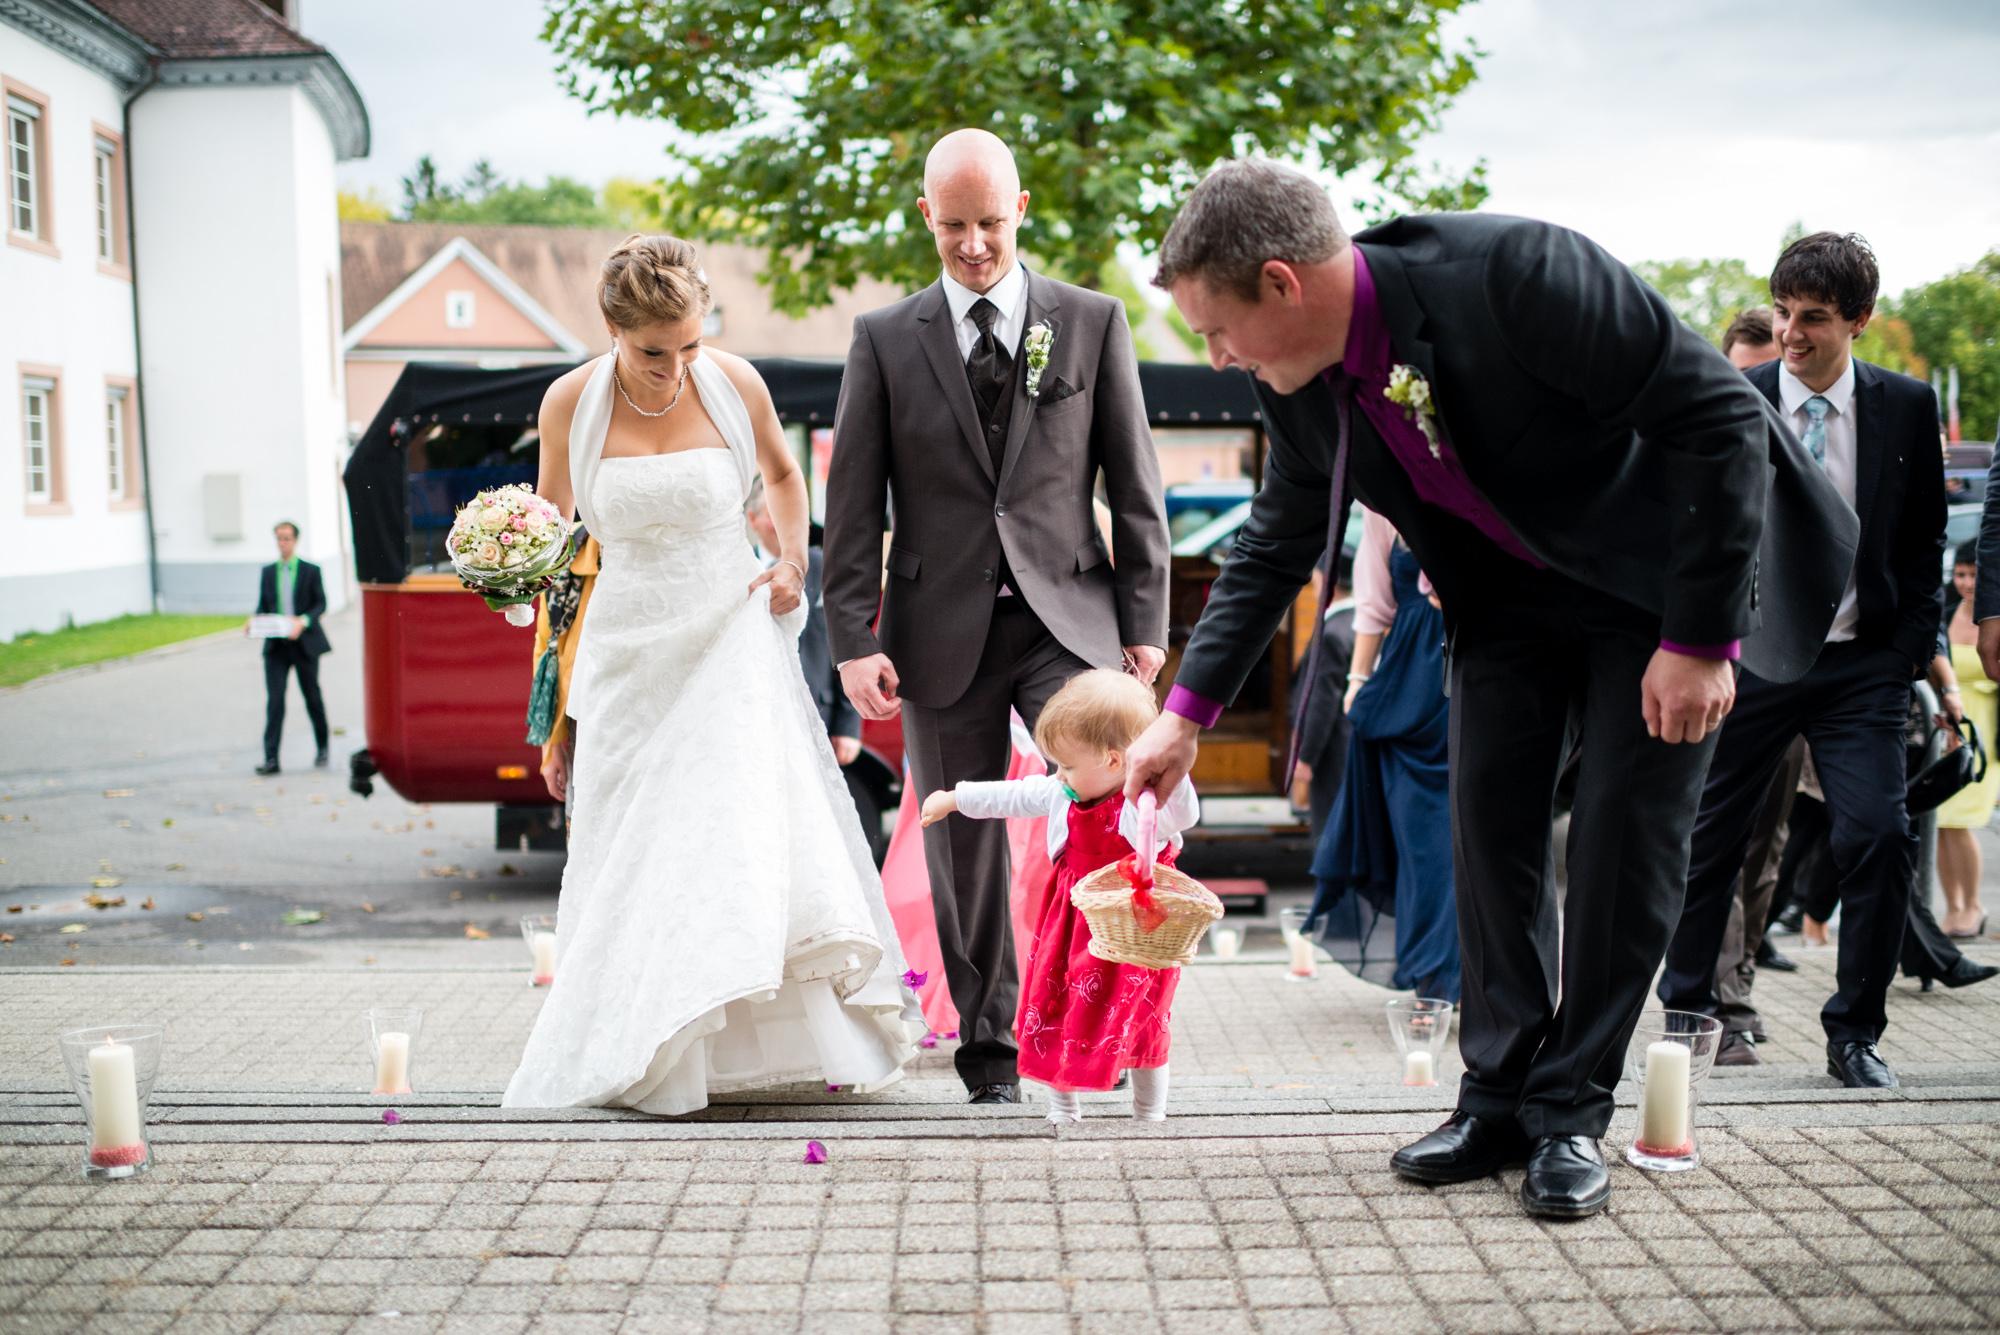 Fotograf Konstanz - Als Hochzeitsfotograf in Bad Dürrheim unterwegs  - 49 -